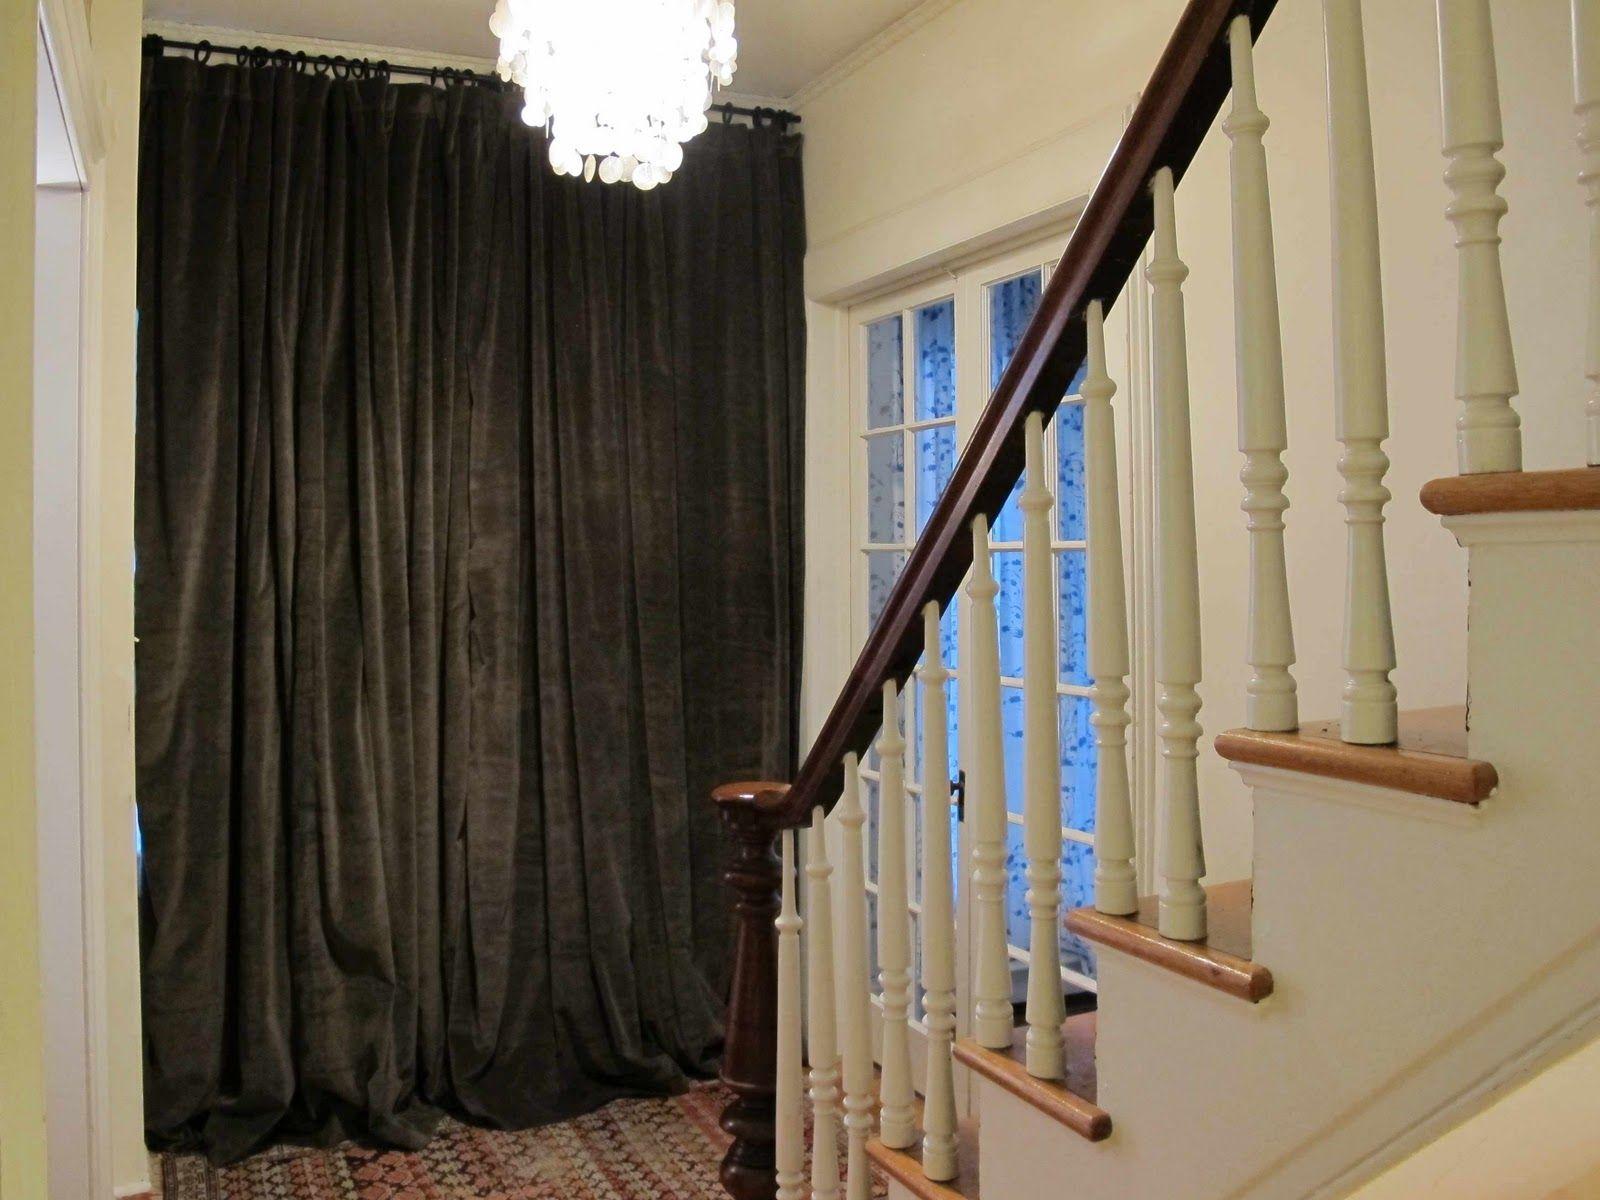 Entry Foyer Drapes Draft Curtain Velvet From Alfie Makes Five